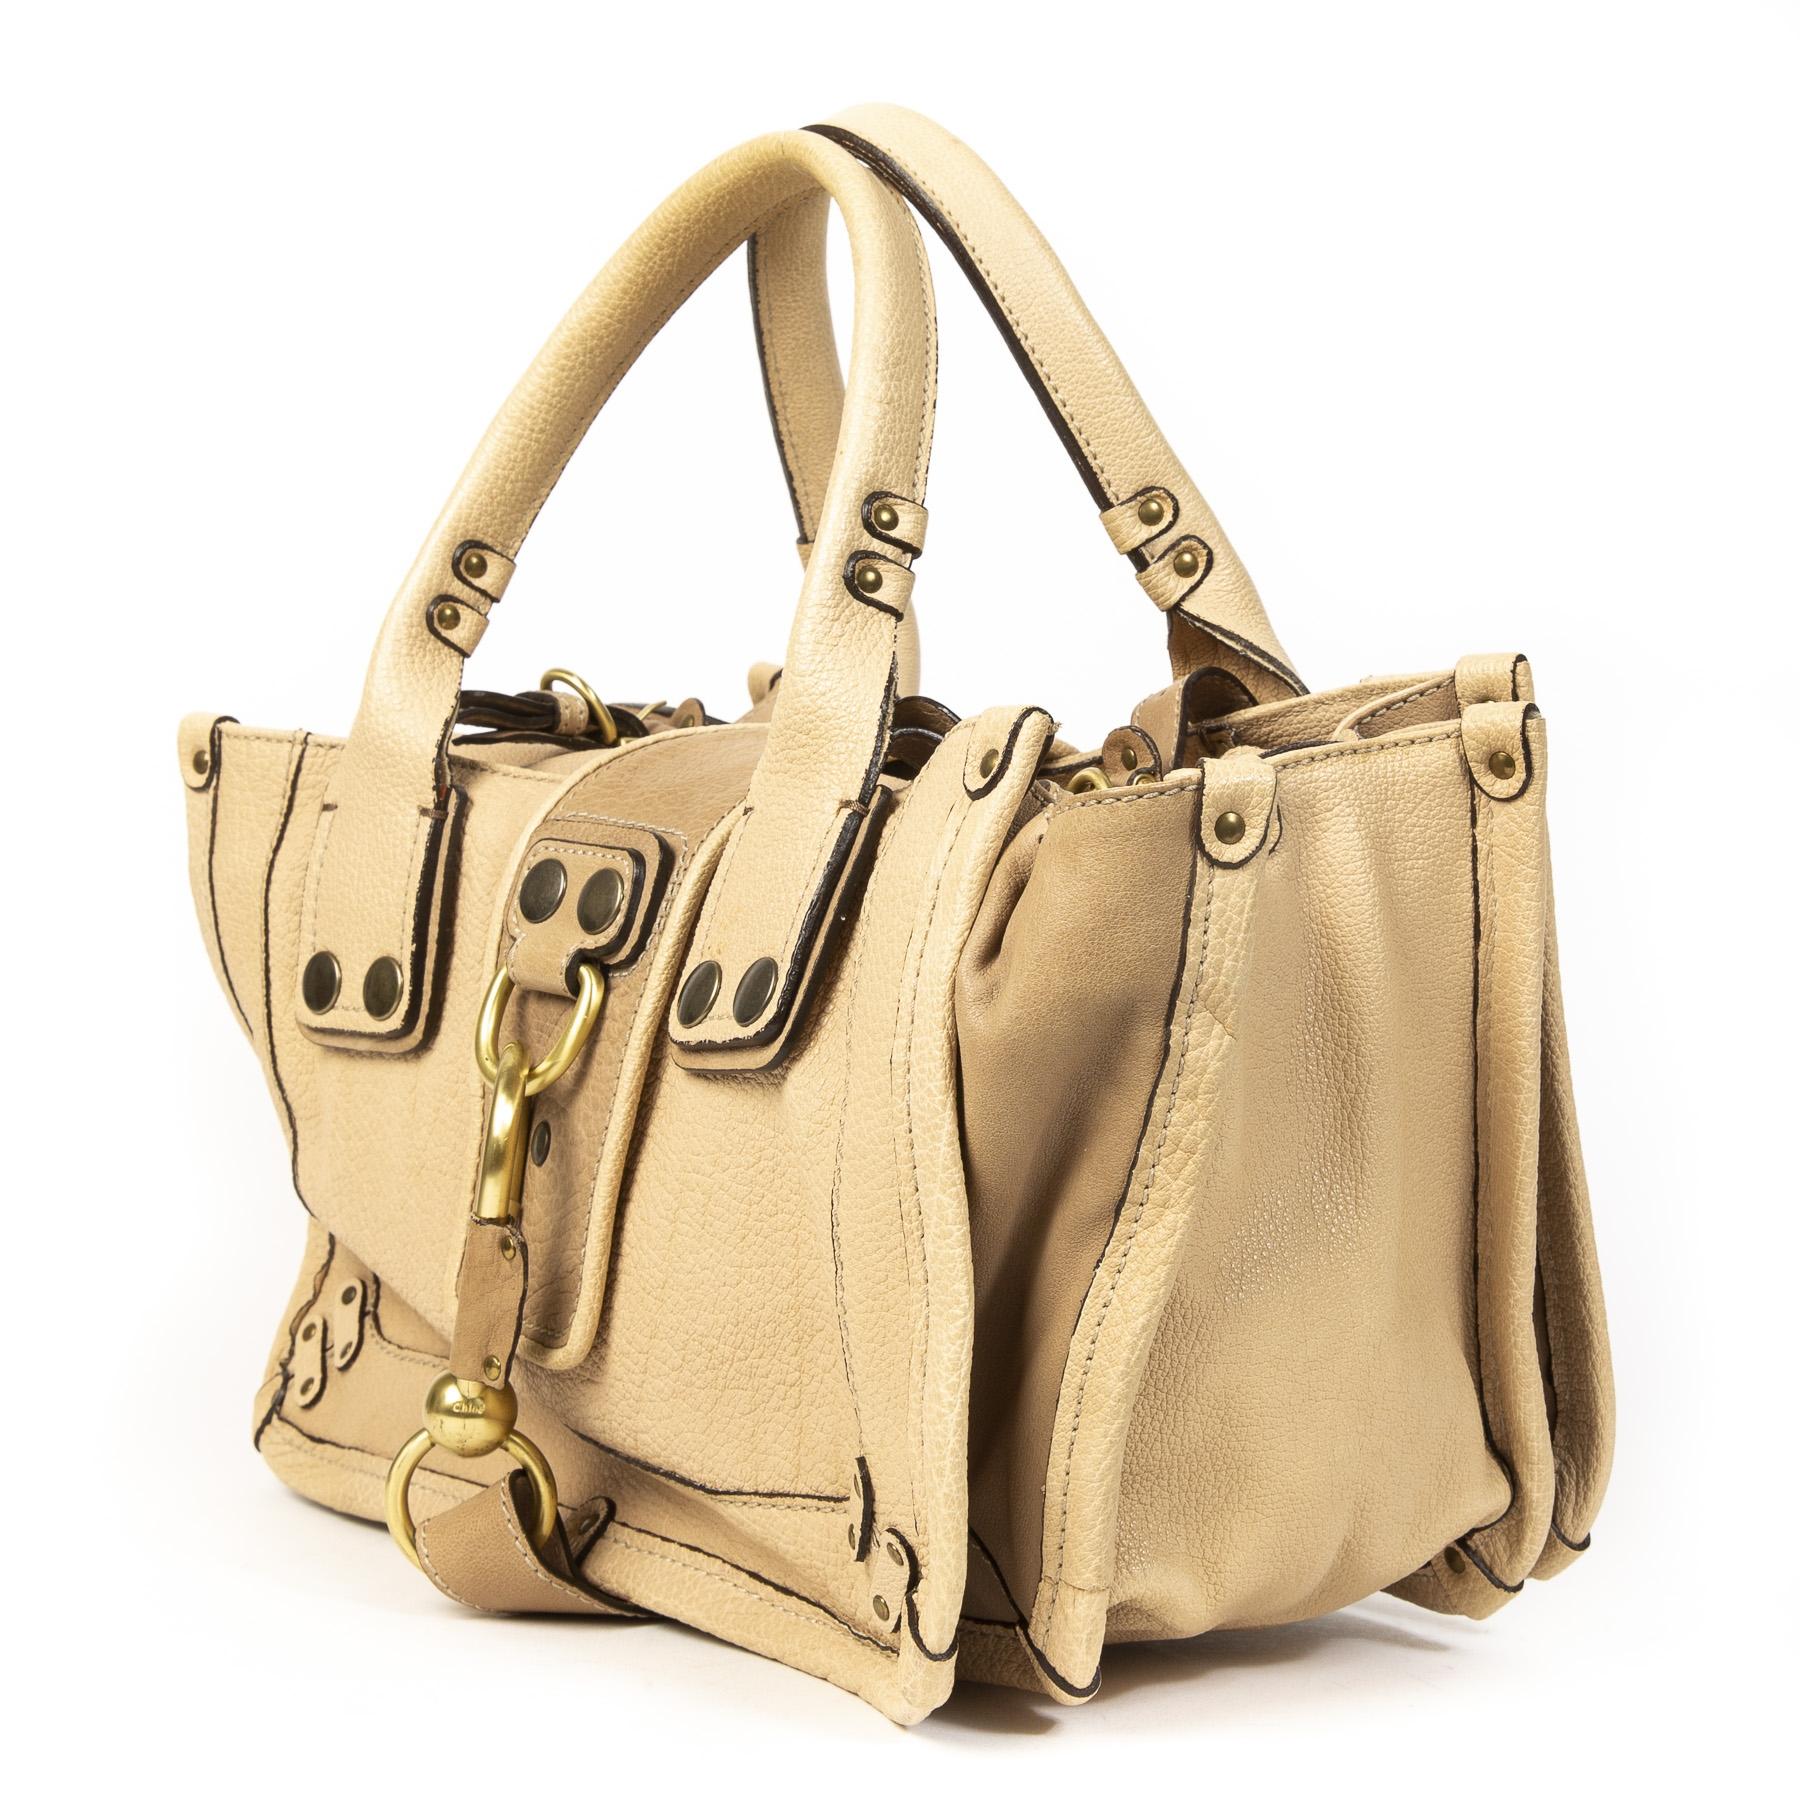 Authentieke tweedehands Chloé Beige Leather schoudertas juiste prijs veilig online winkelen LabelLOV webshop luxe merken winkelen Antwerpen België mode fashion